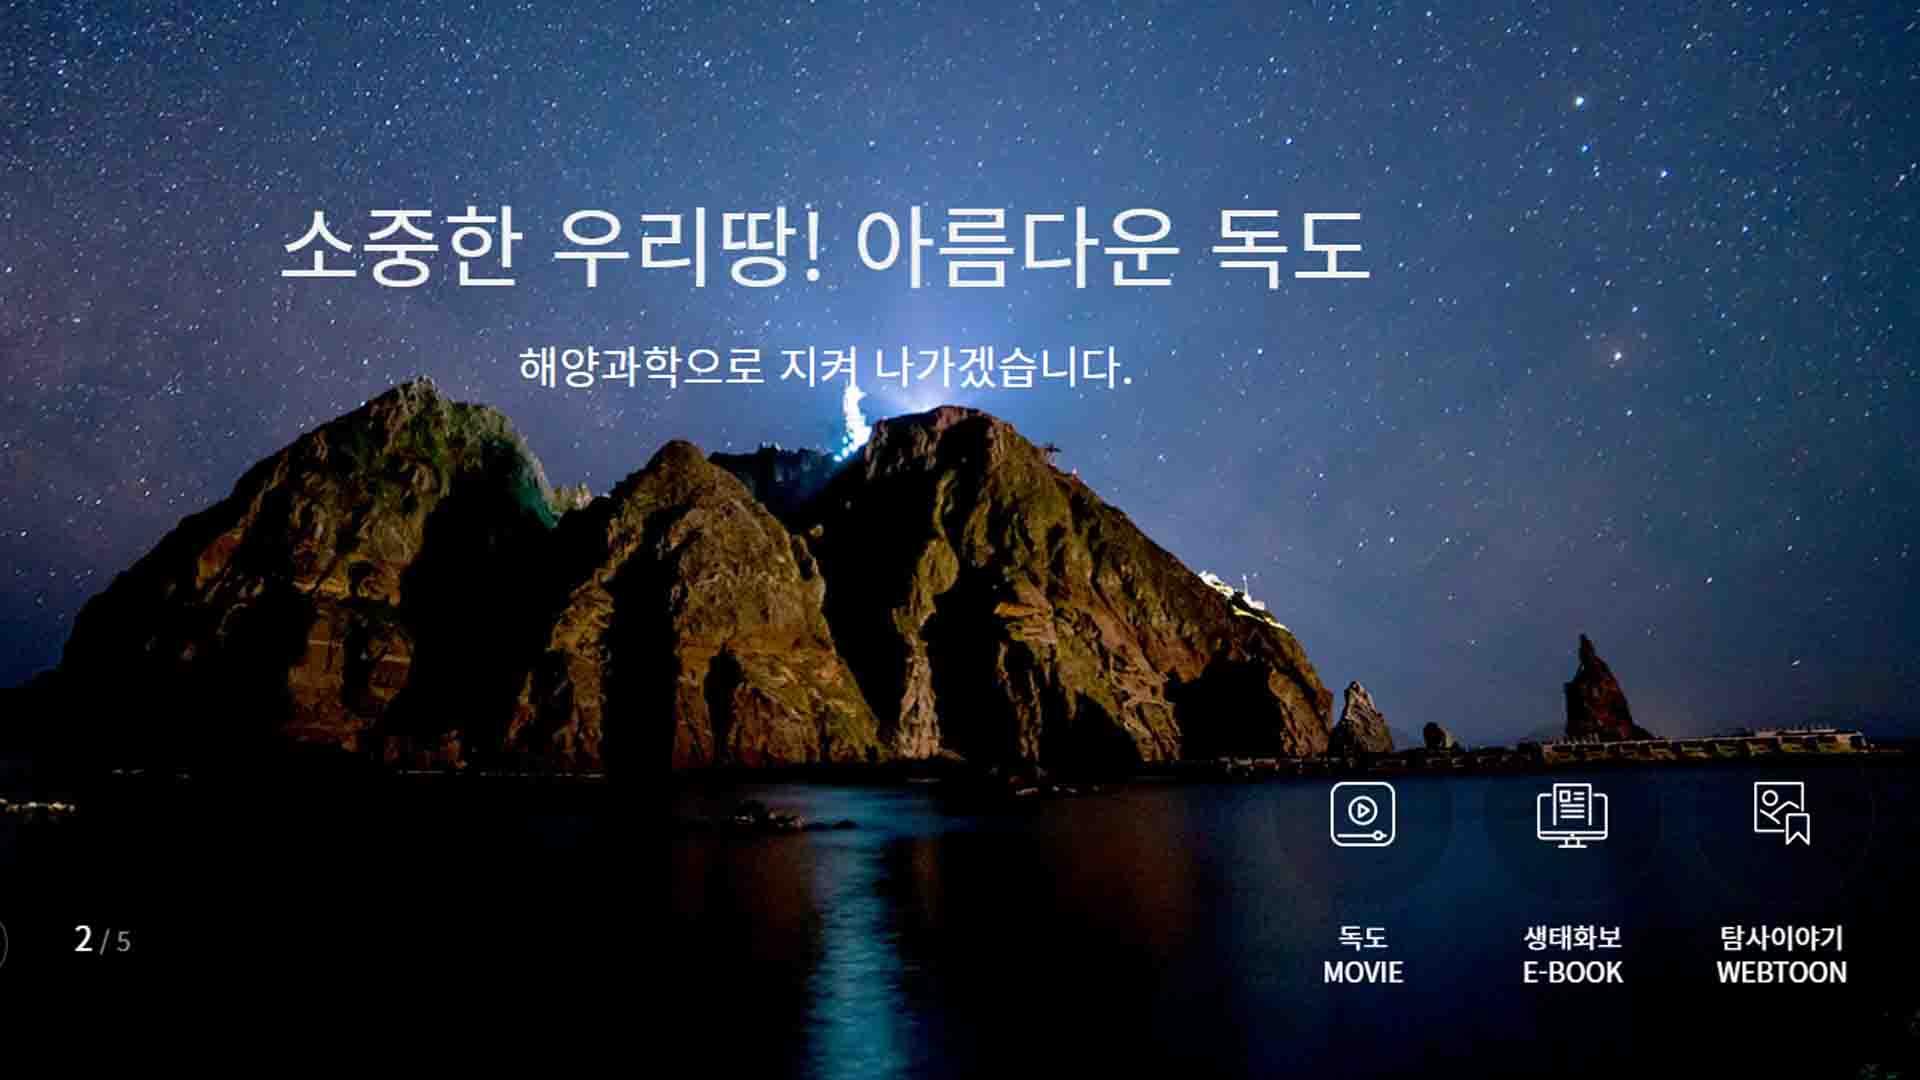 日, 韓해수부 독도 실시간 영상 제공에 중단 요구